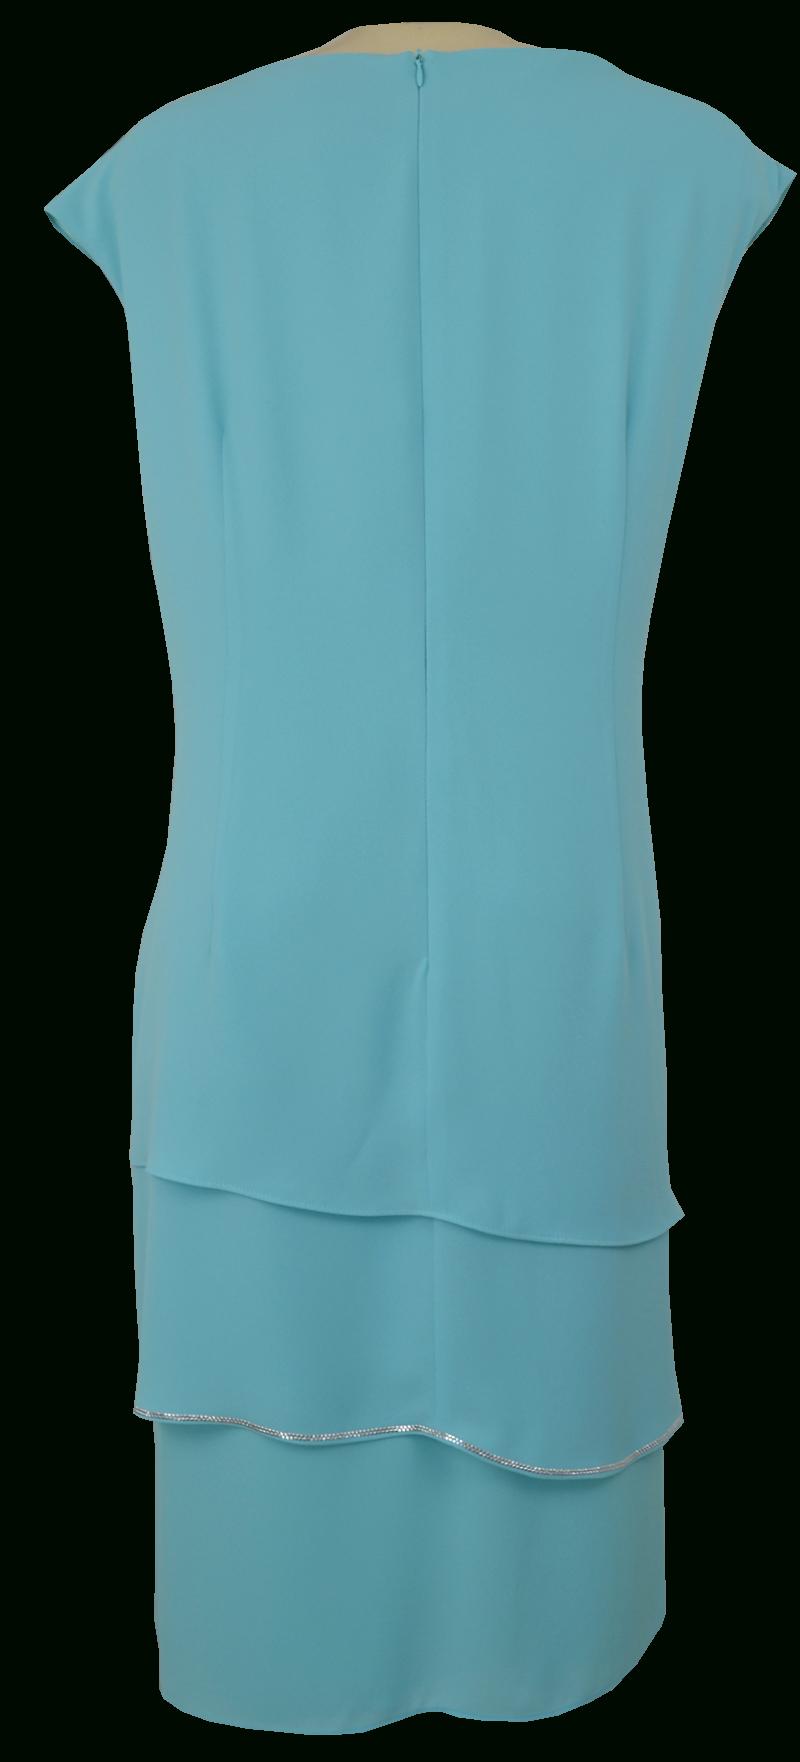 17 Wunderbar Türkises Langes Kleid Stylish10 Coolste Türkises Langes Kleid Vertrieb